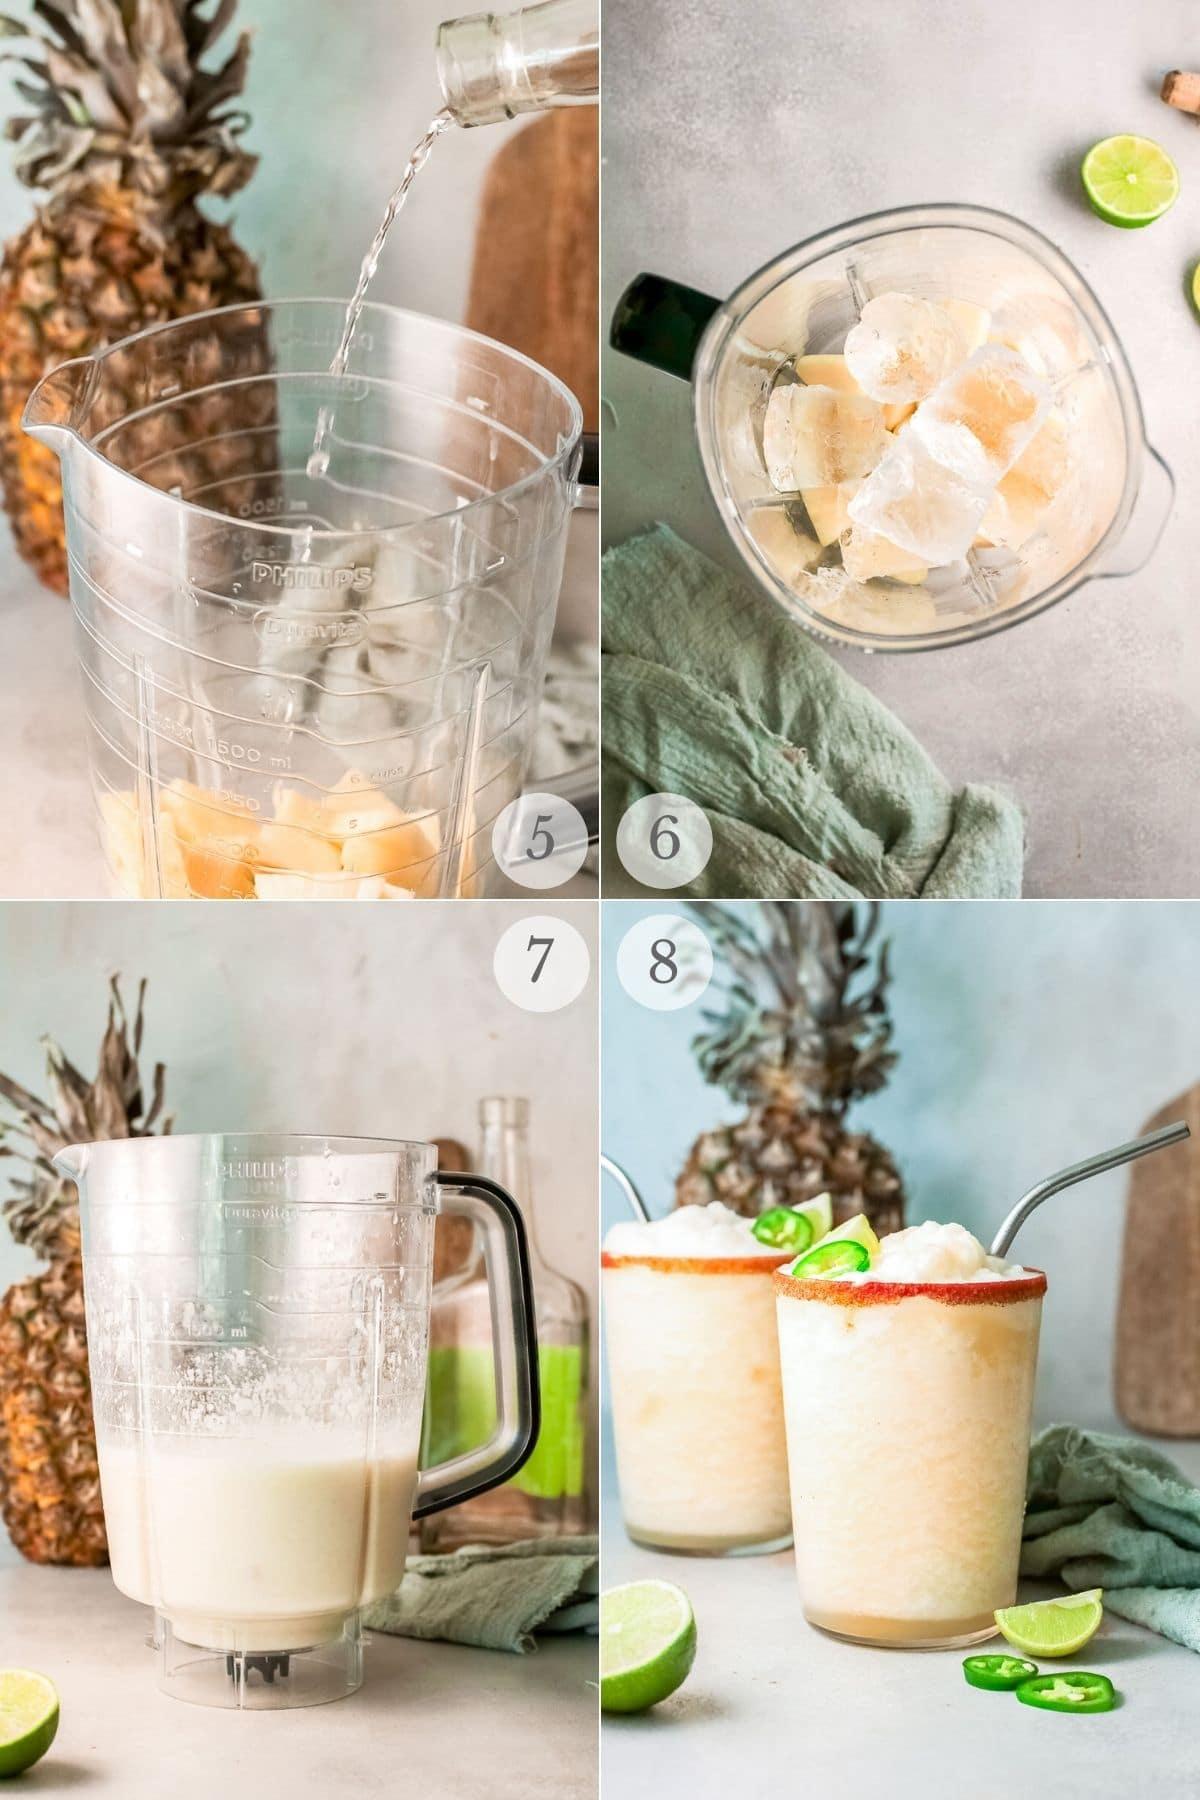 frozen pineapple margaritas recipes steps 5-8